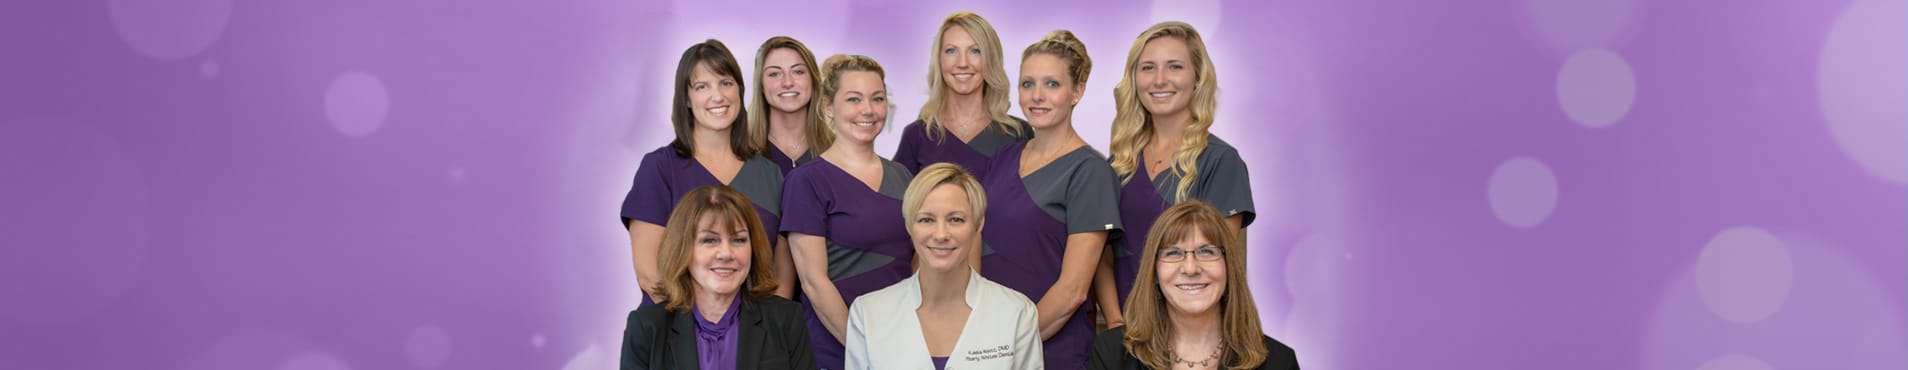 Dental Crowns Dentist Serving Langhorne